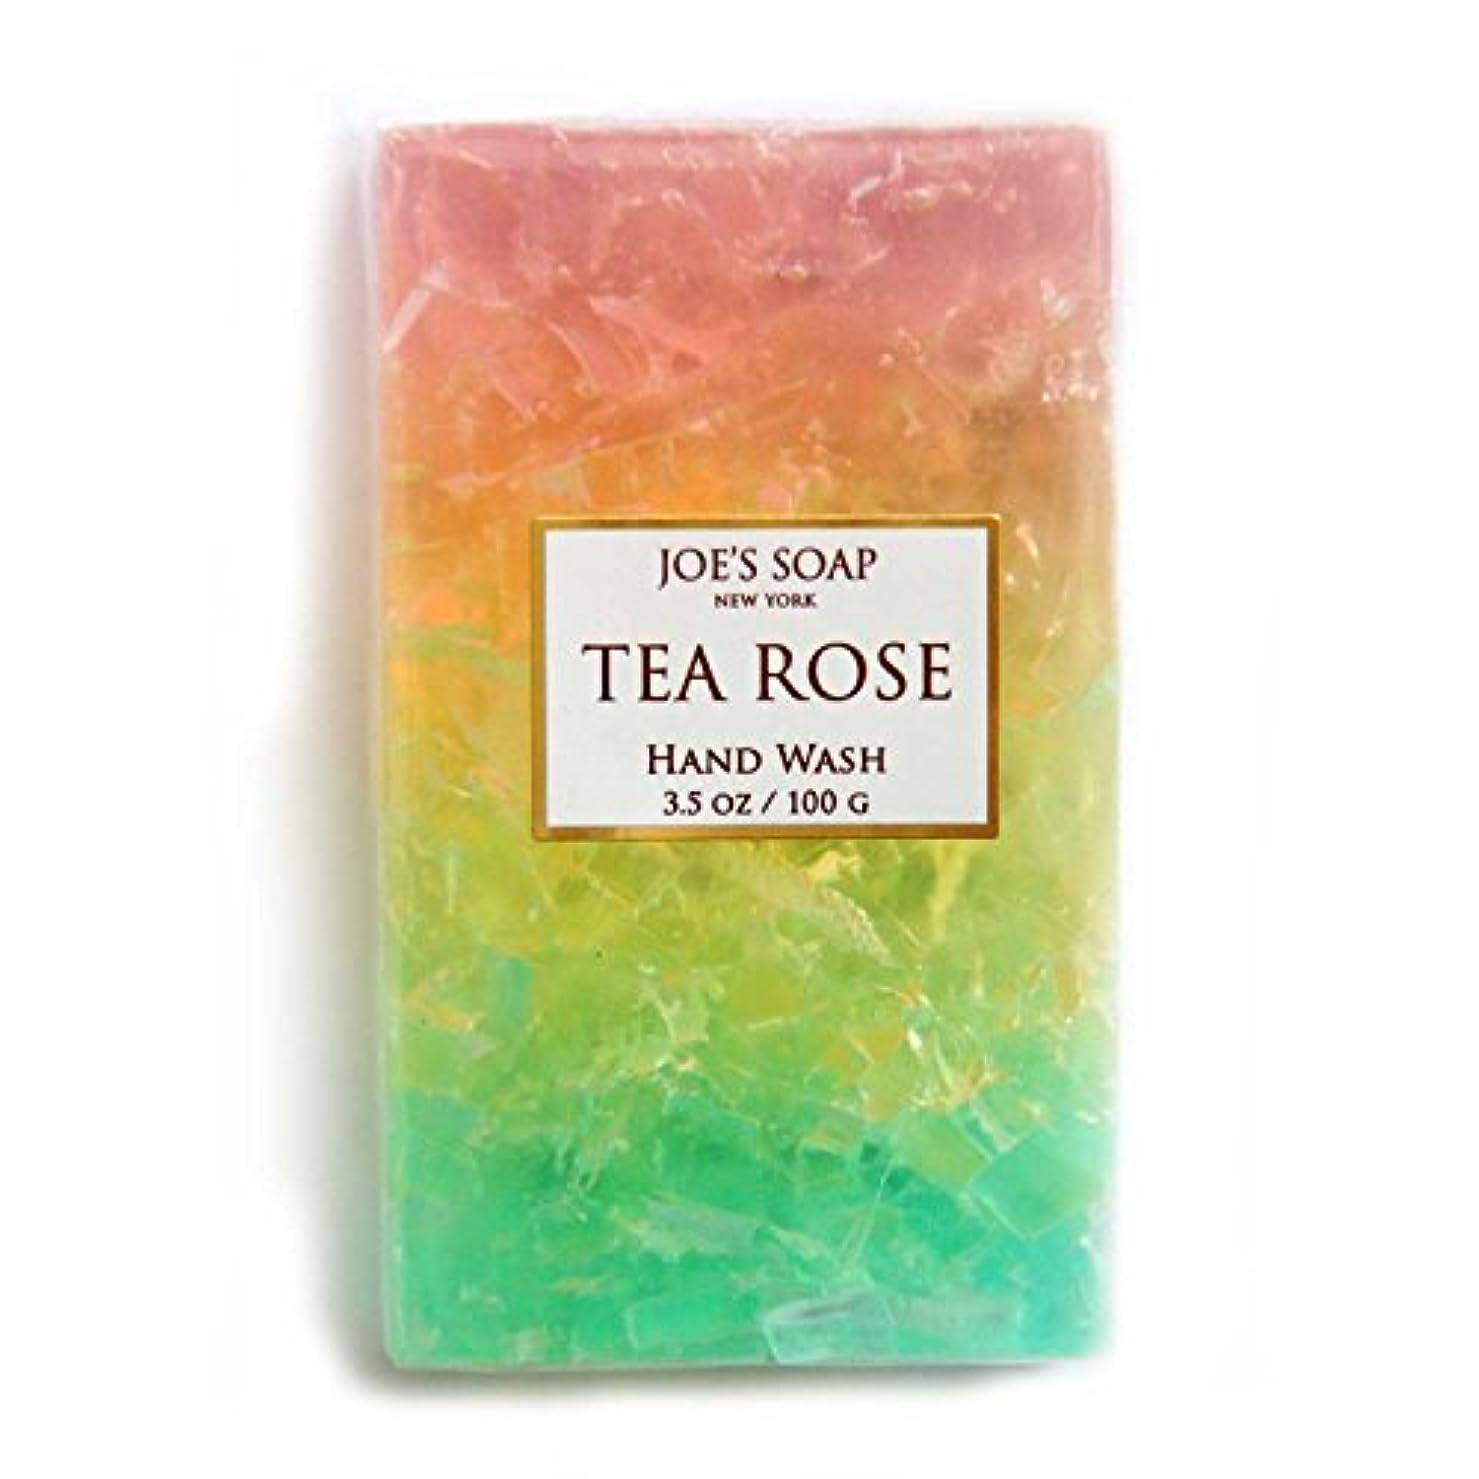 抑制刈るビスケットJOE'S SOAP ジョーズソープ グラスソープ 100g 石けん ボディソープ 洗顔料 せっけん 固形 ギフト